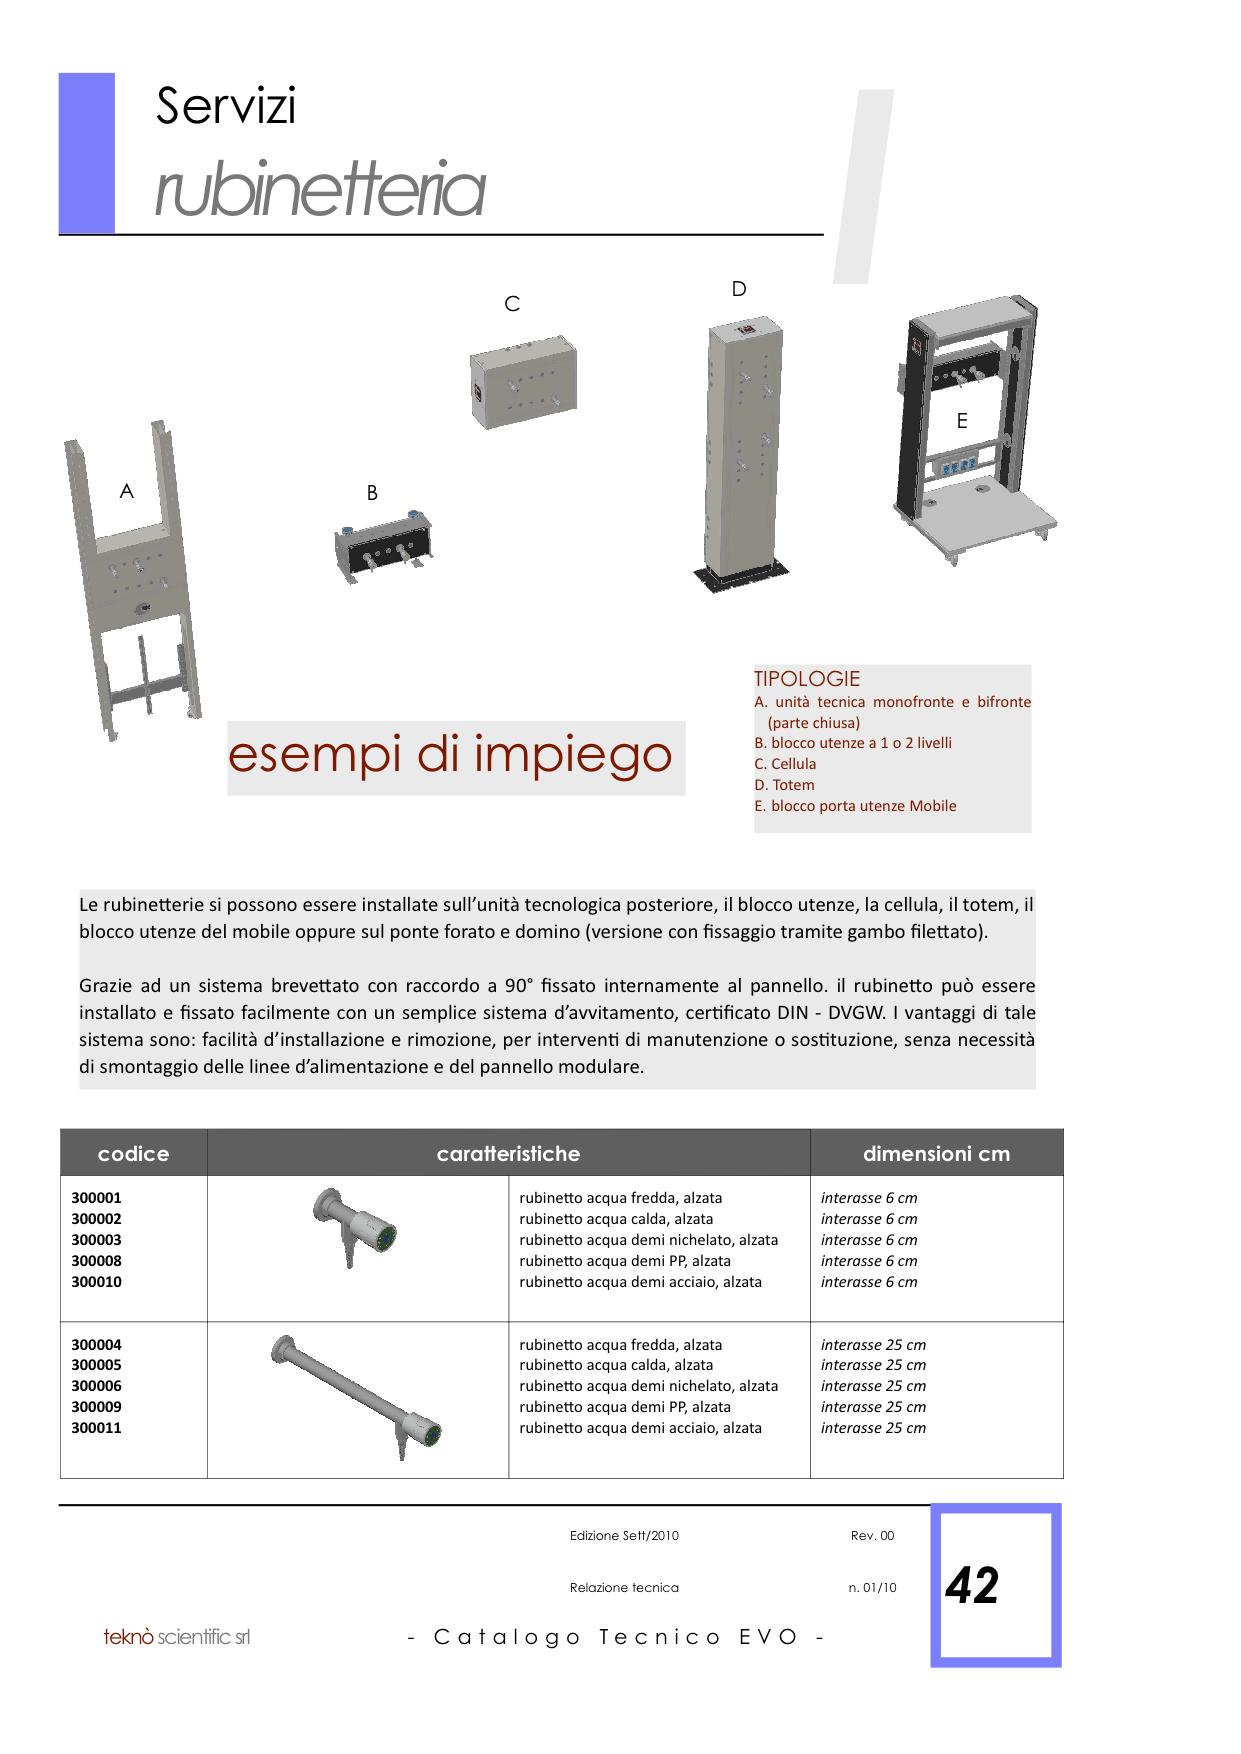 EVO Catalogo Tecnico Generale copia 42.png